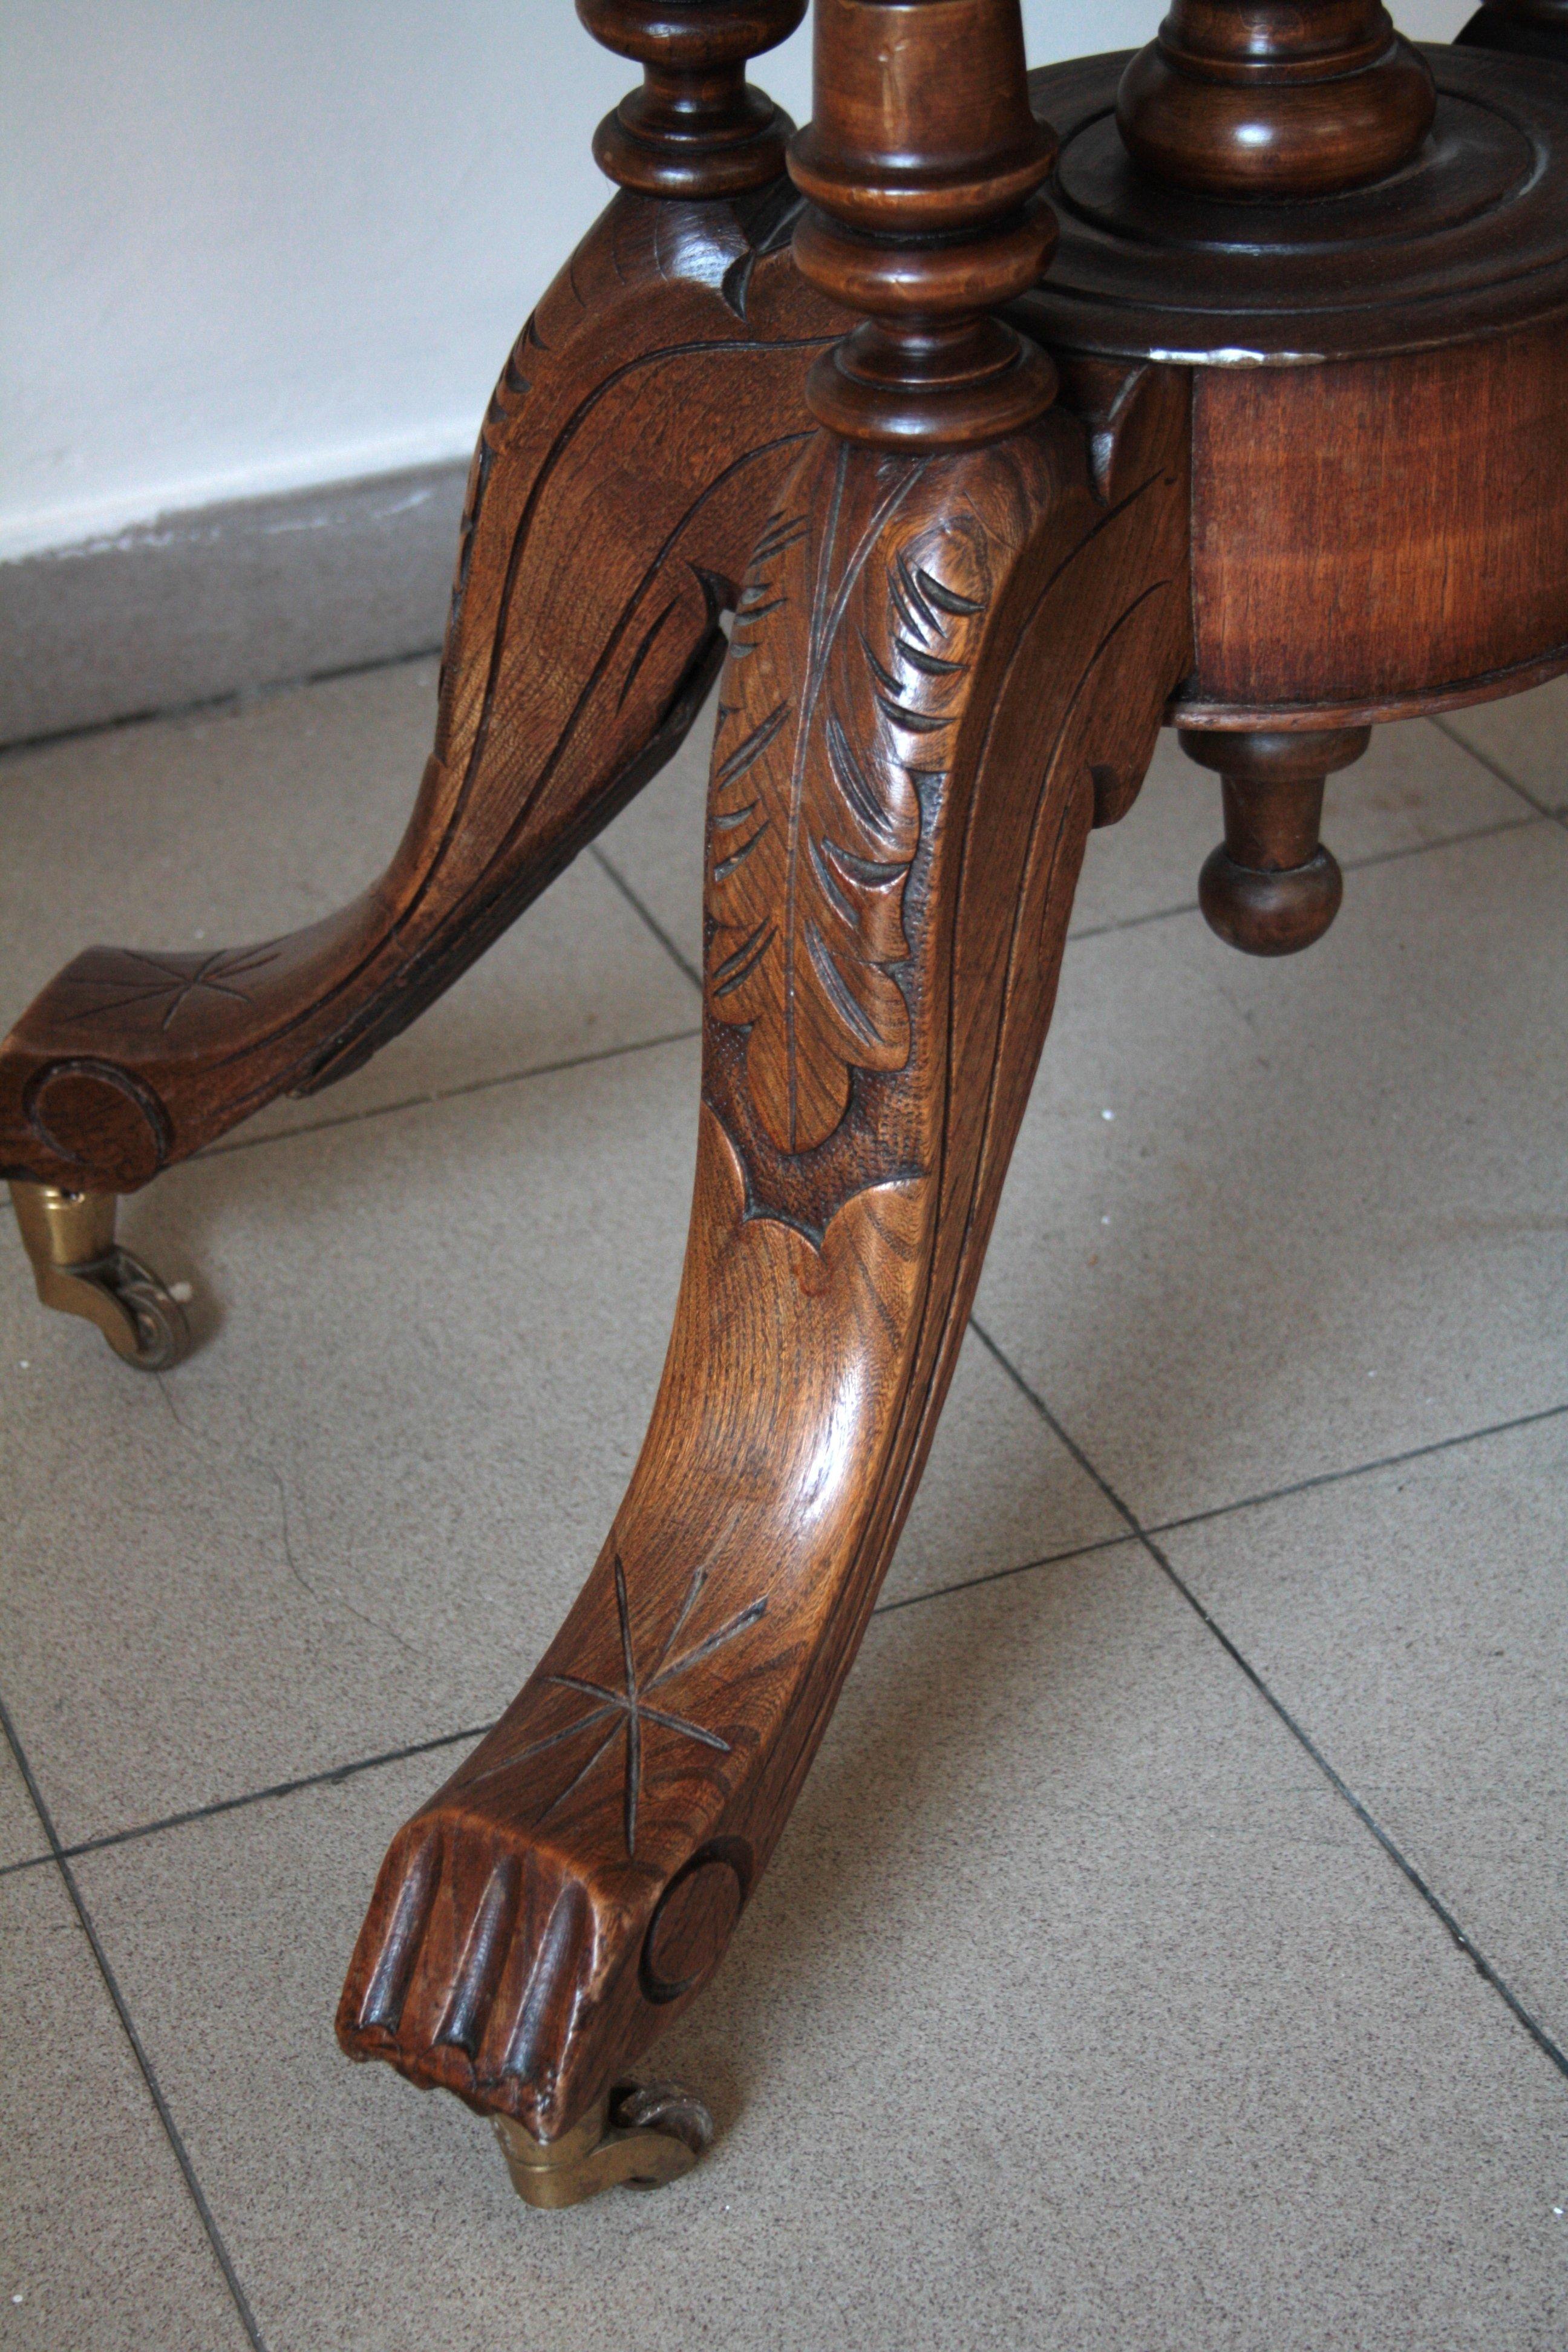 Ovaler Tisch aus Nussbaum und massiver Eiche, eingelegte Platte, achthundert, in sehr gutem Zustand